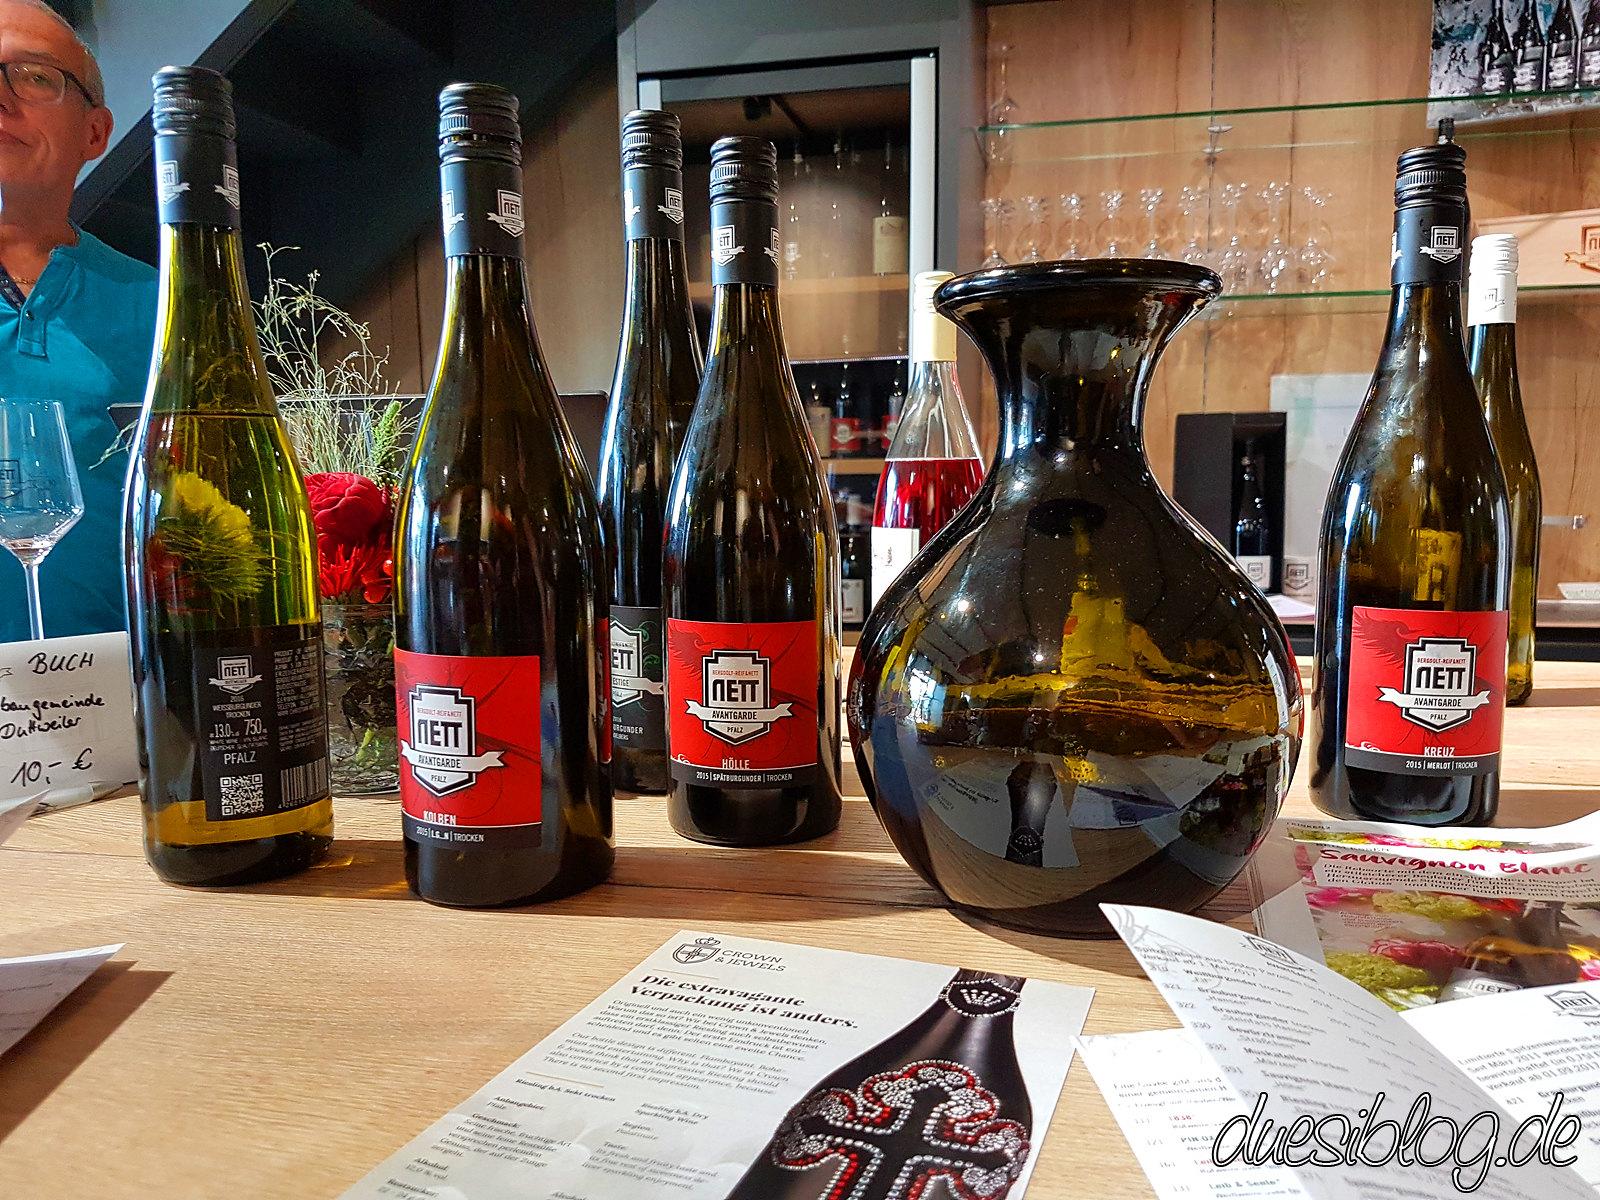 Generation Pfalz Neueroeffnung Weingut NETT duesiblog 21